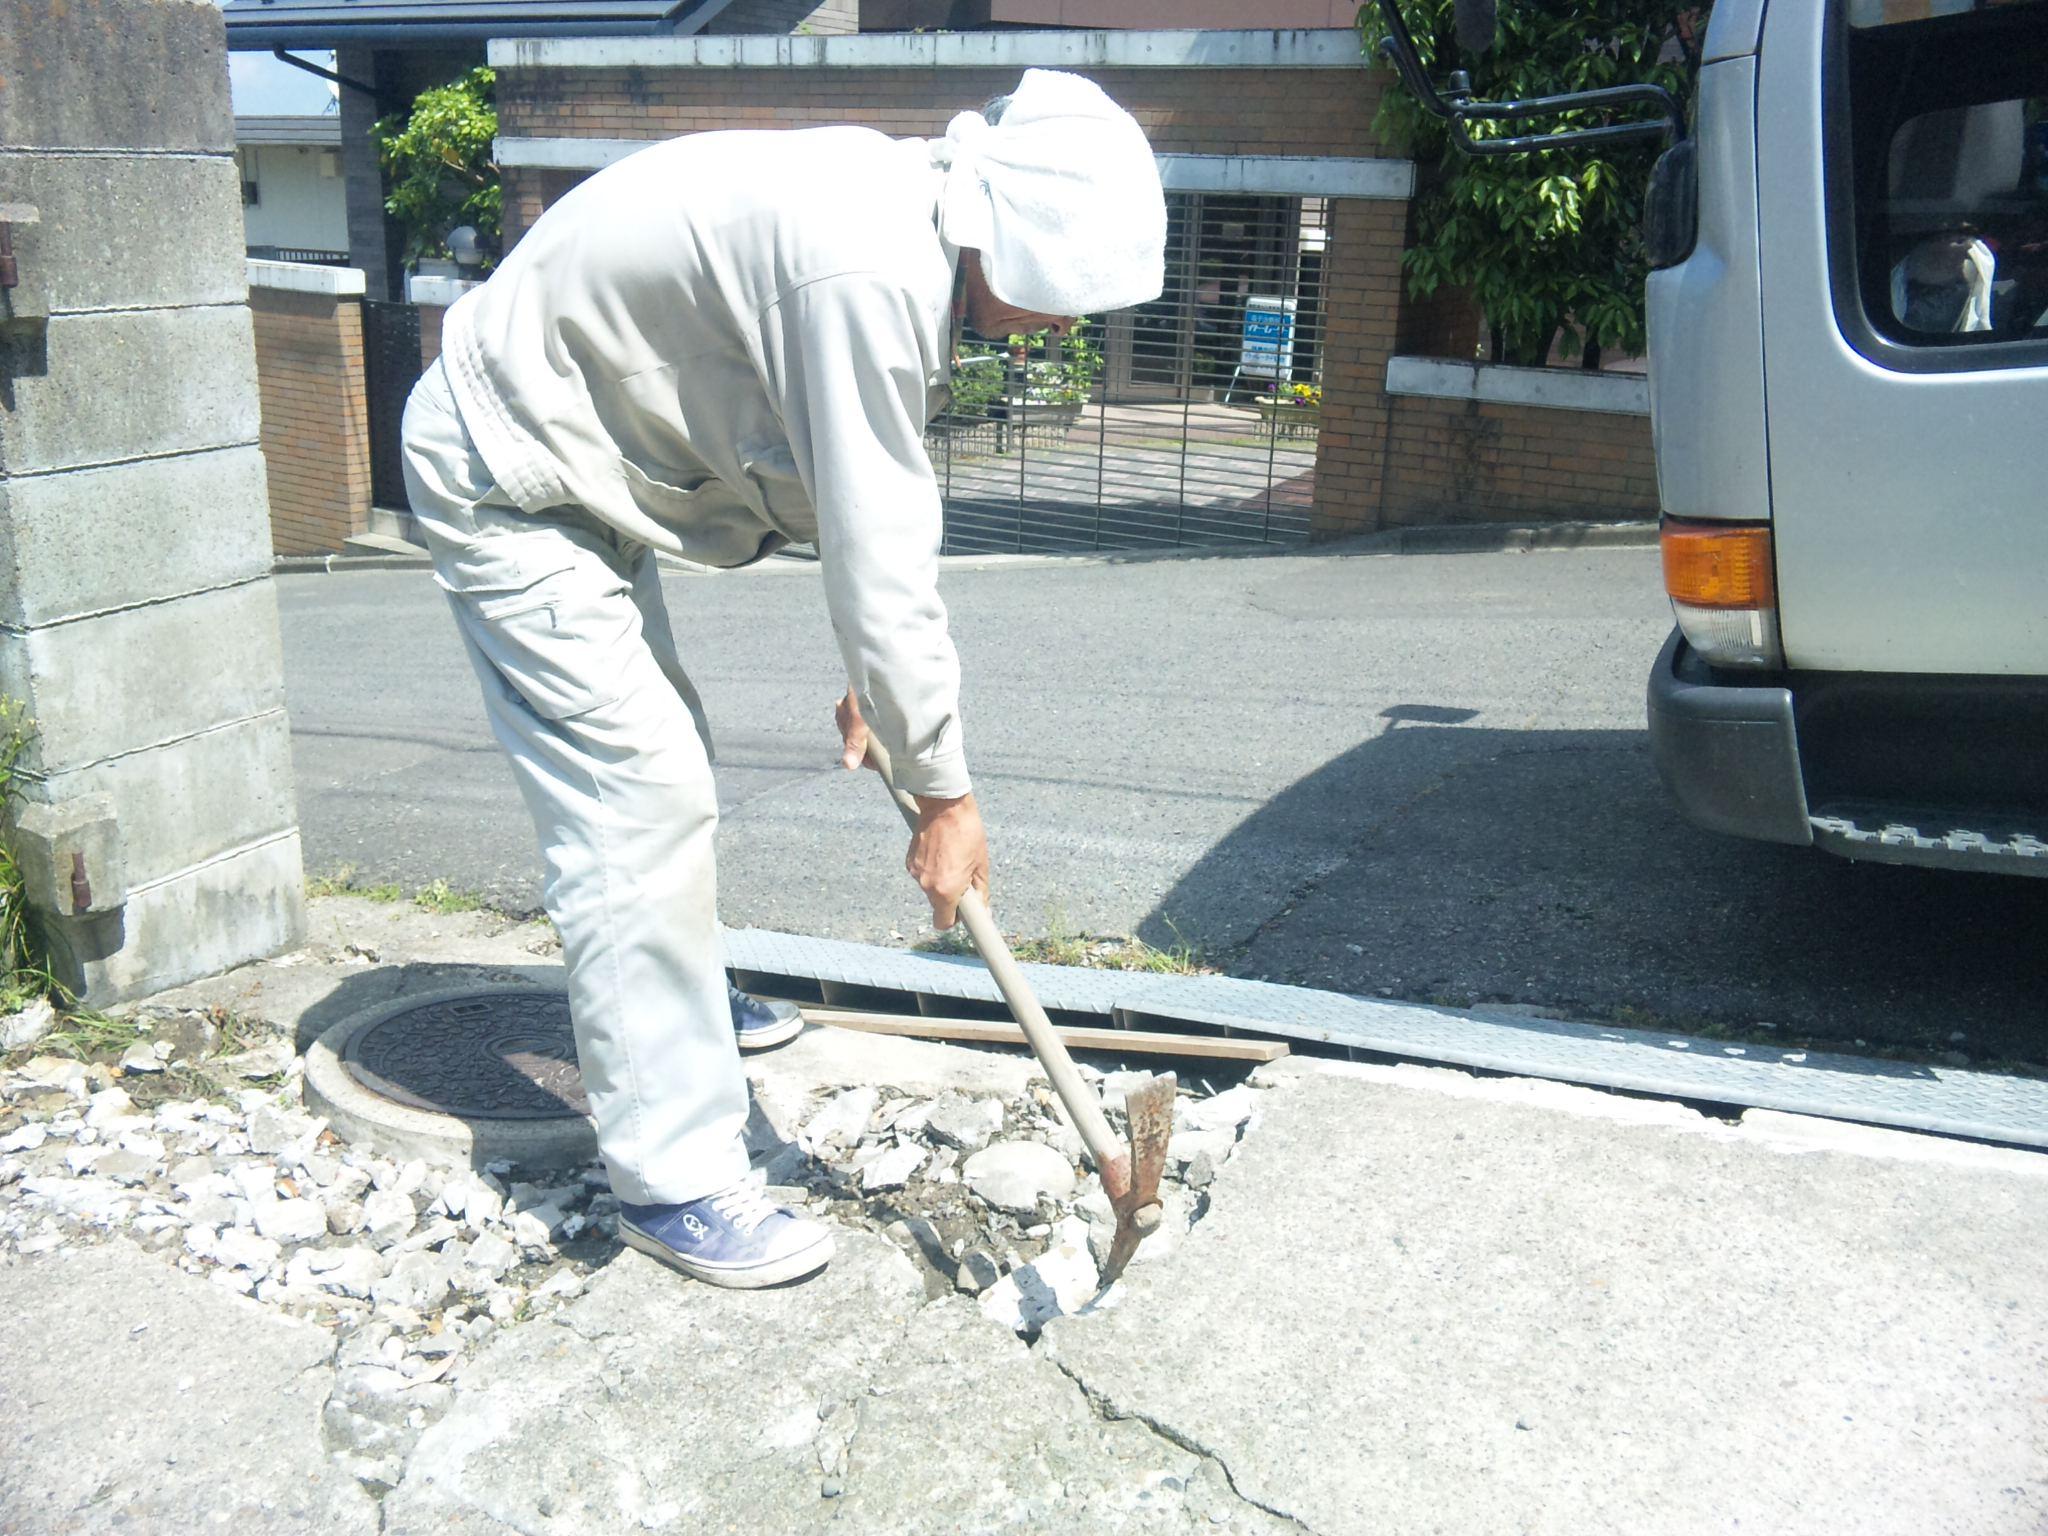 地震で駐車場が凸凹の状態になりました。